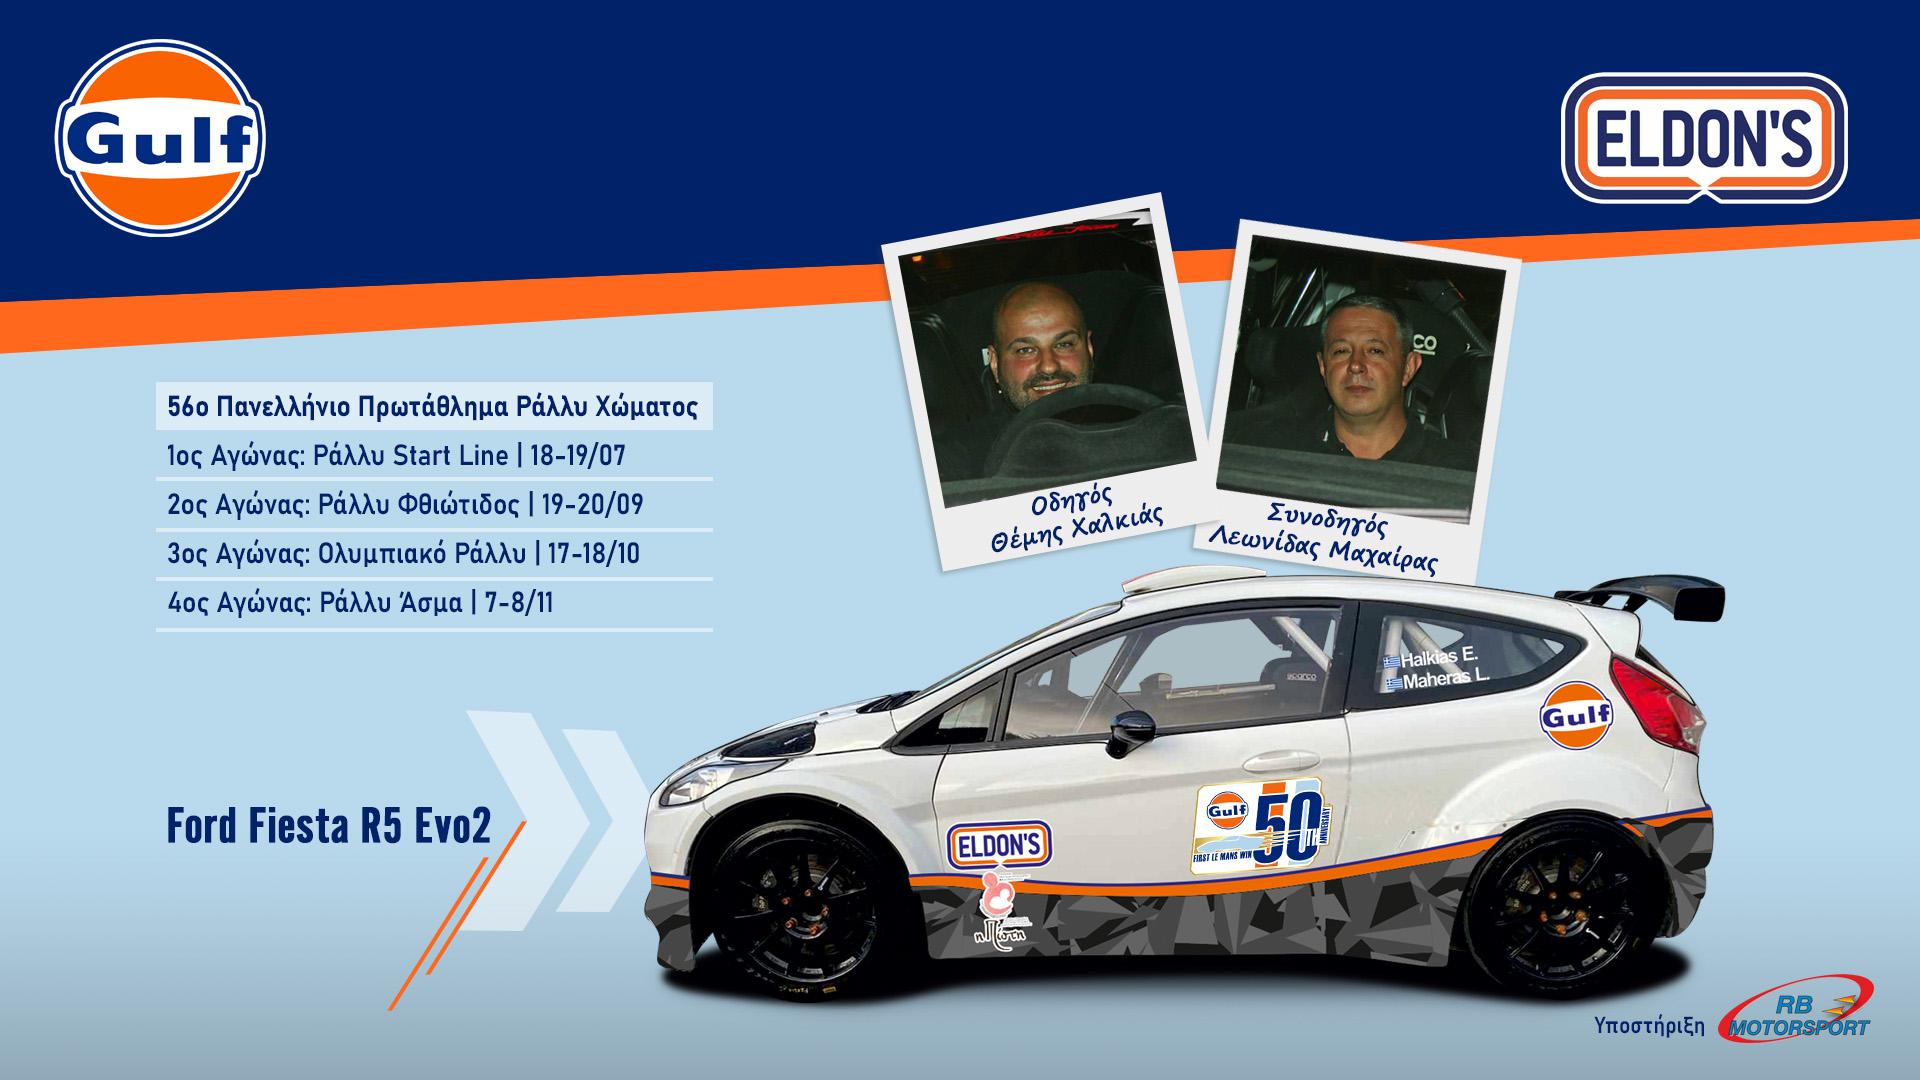 Στο 56ο Πρωτάθλημα Ράλλυ Χώματος με Fiesta R5